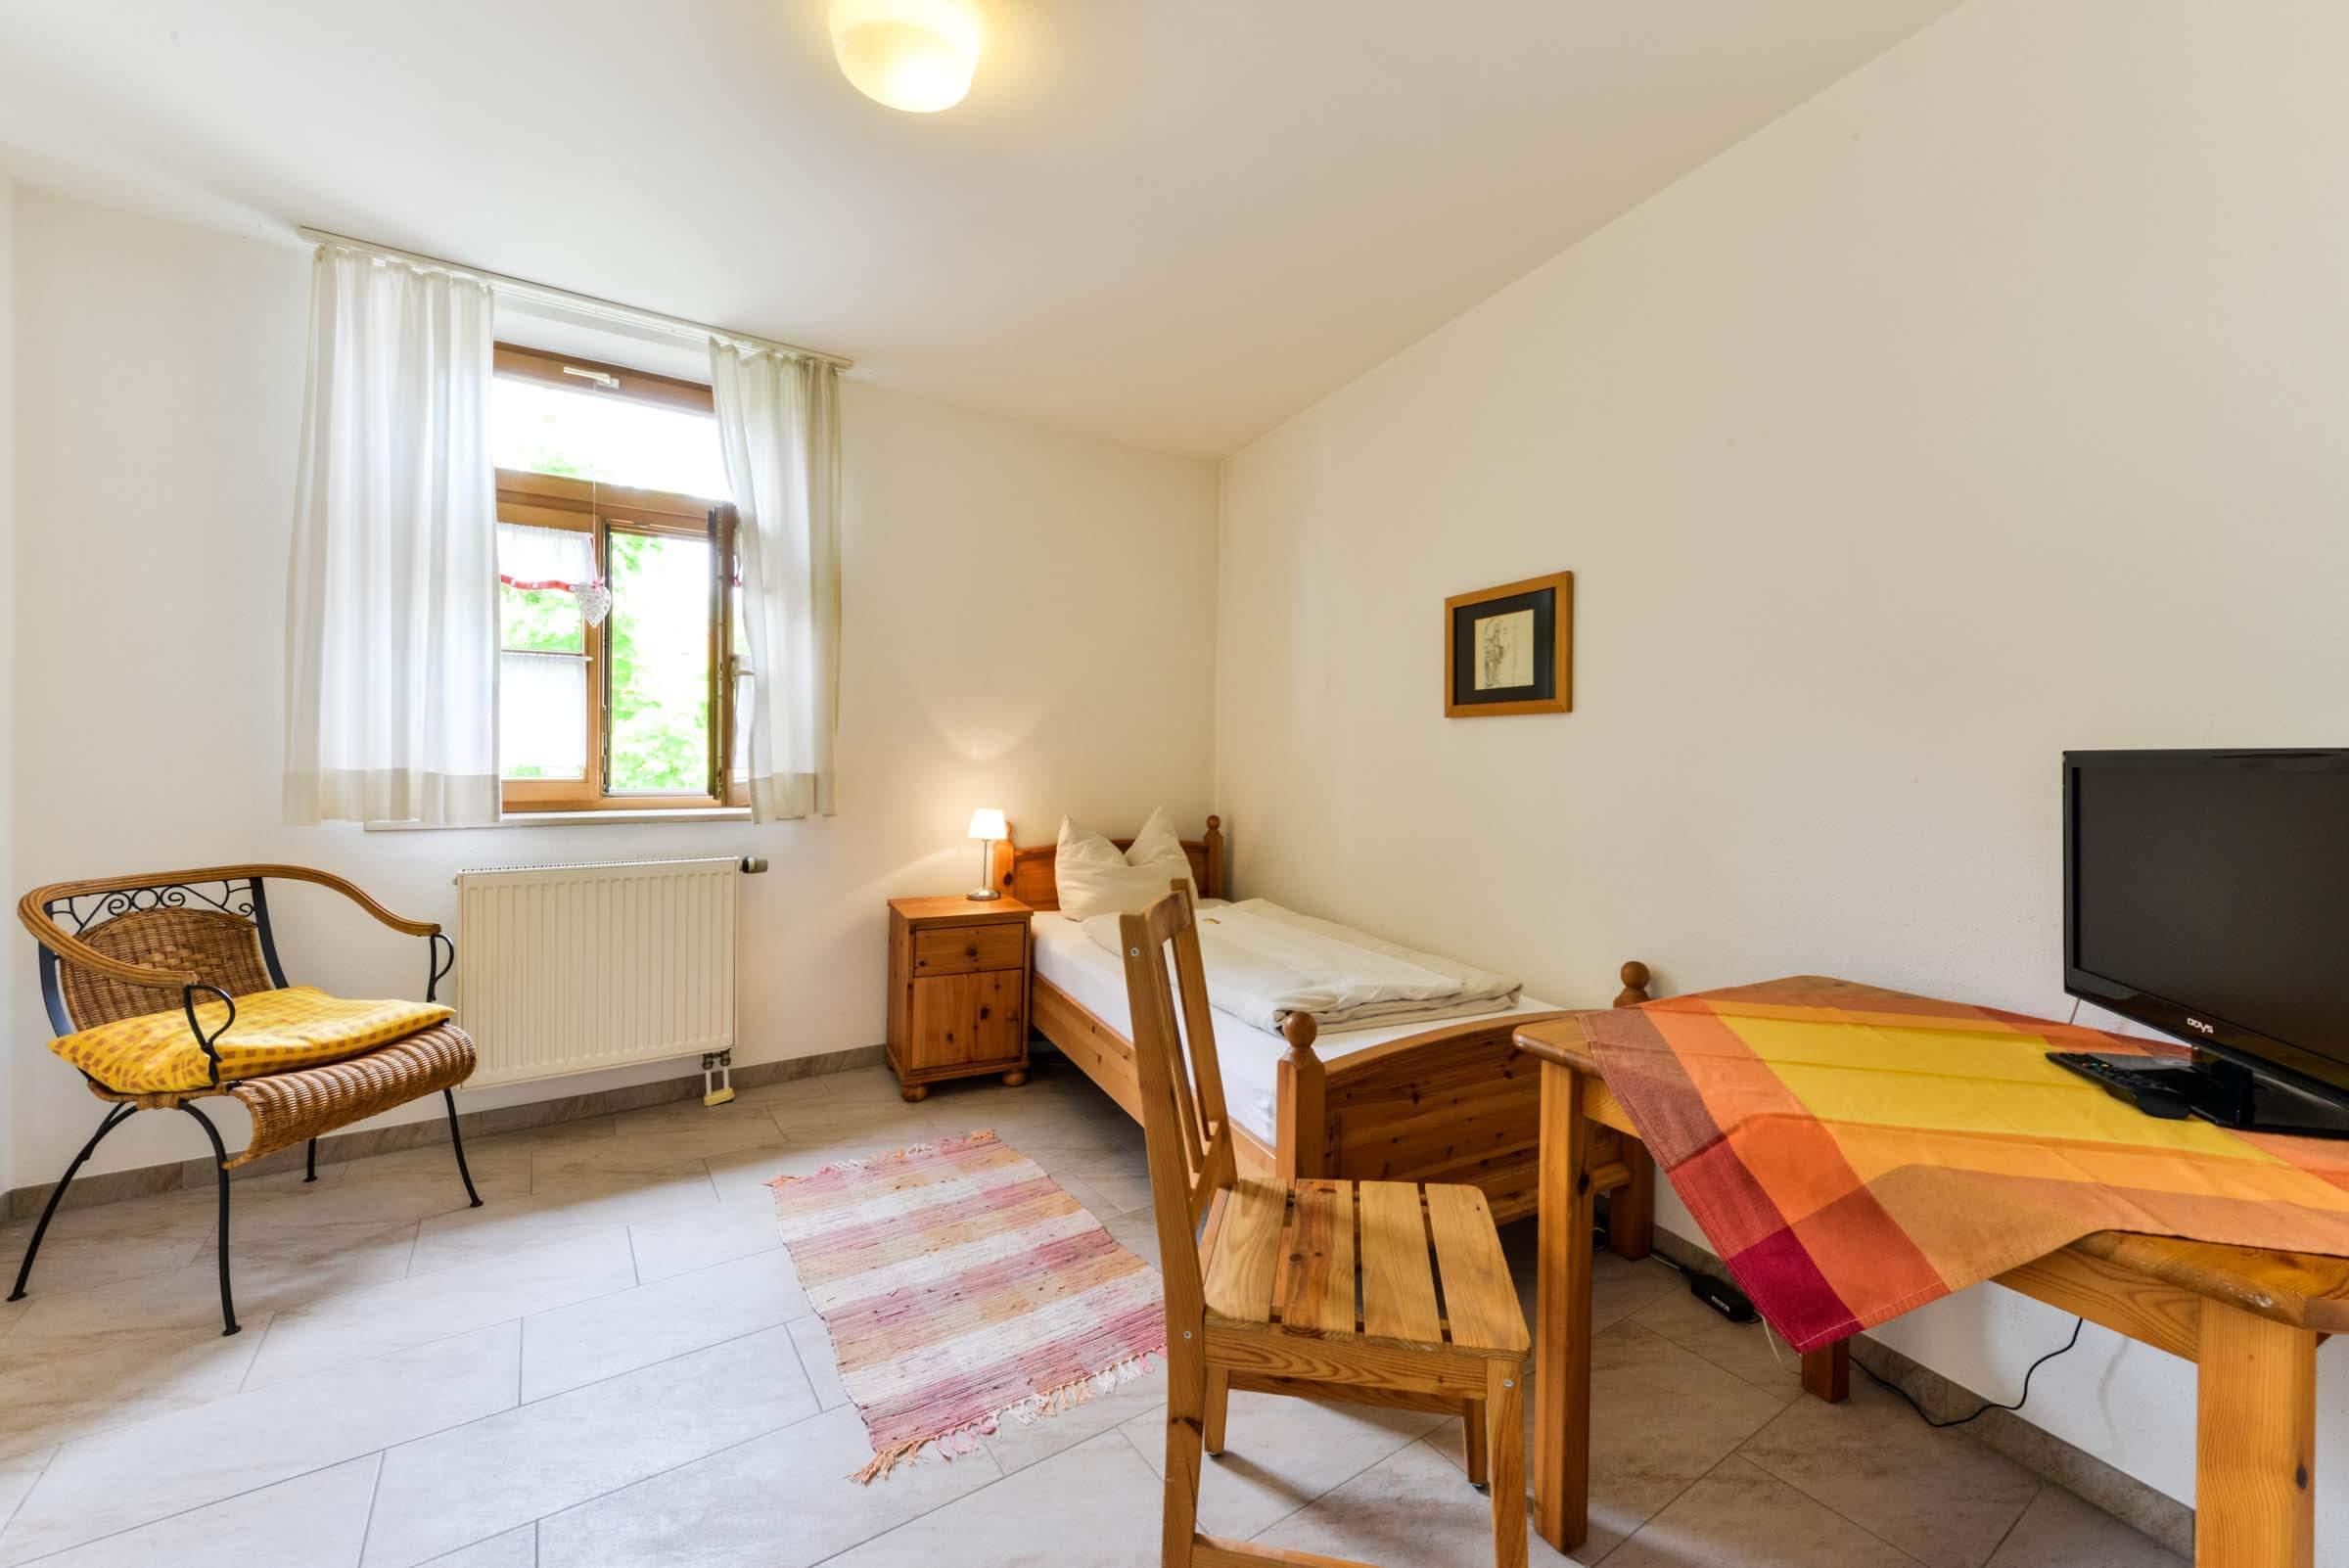 Gästehaus-am-Turm-Einzelzimmer-5